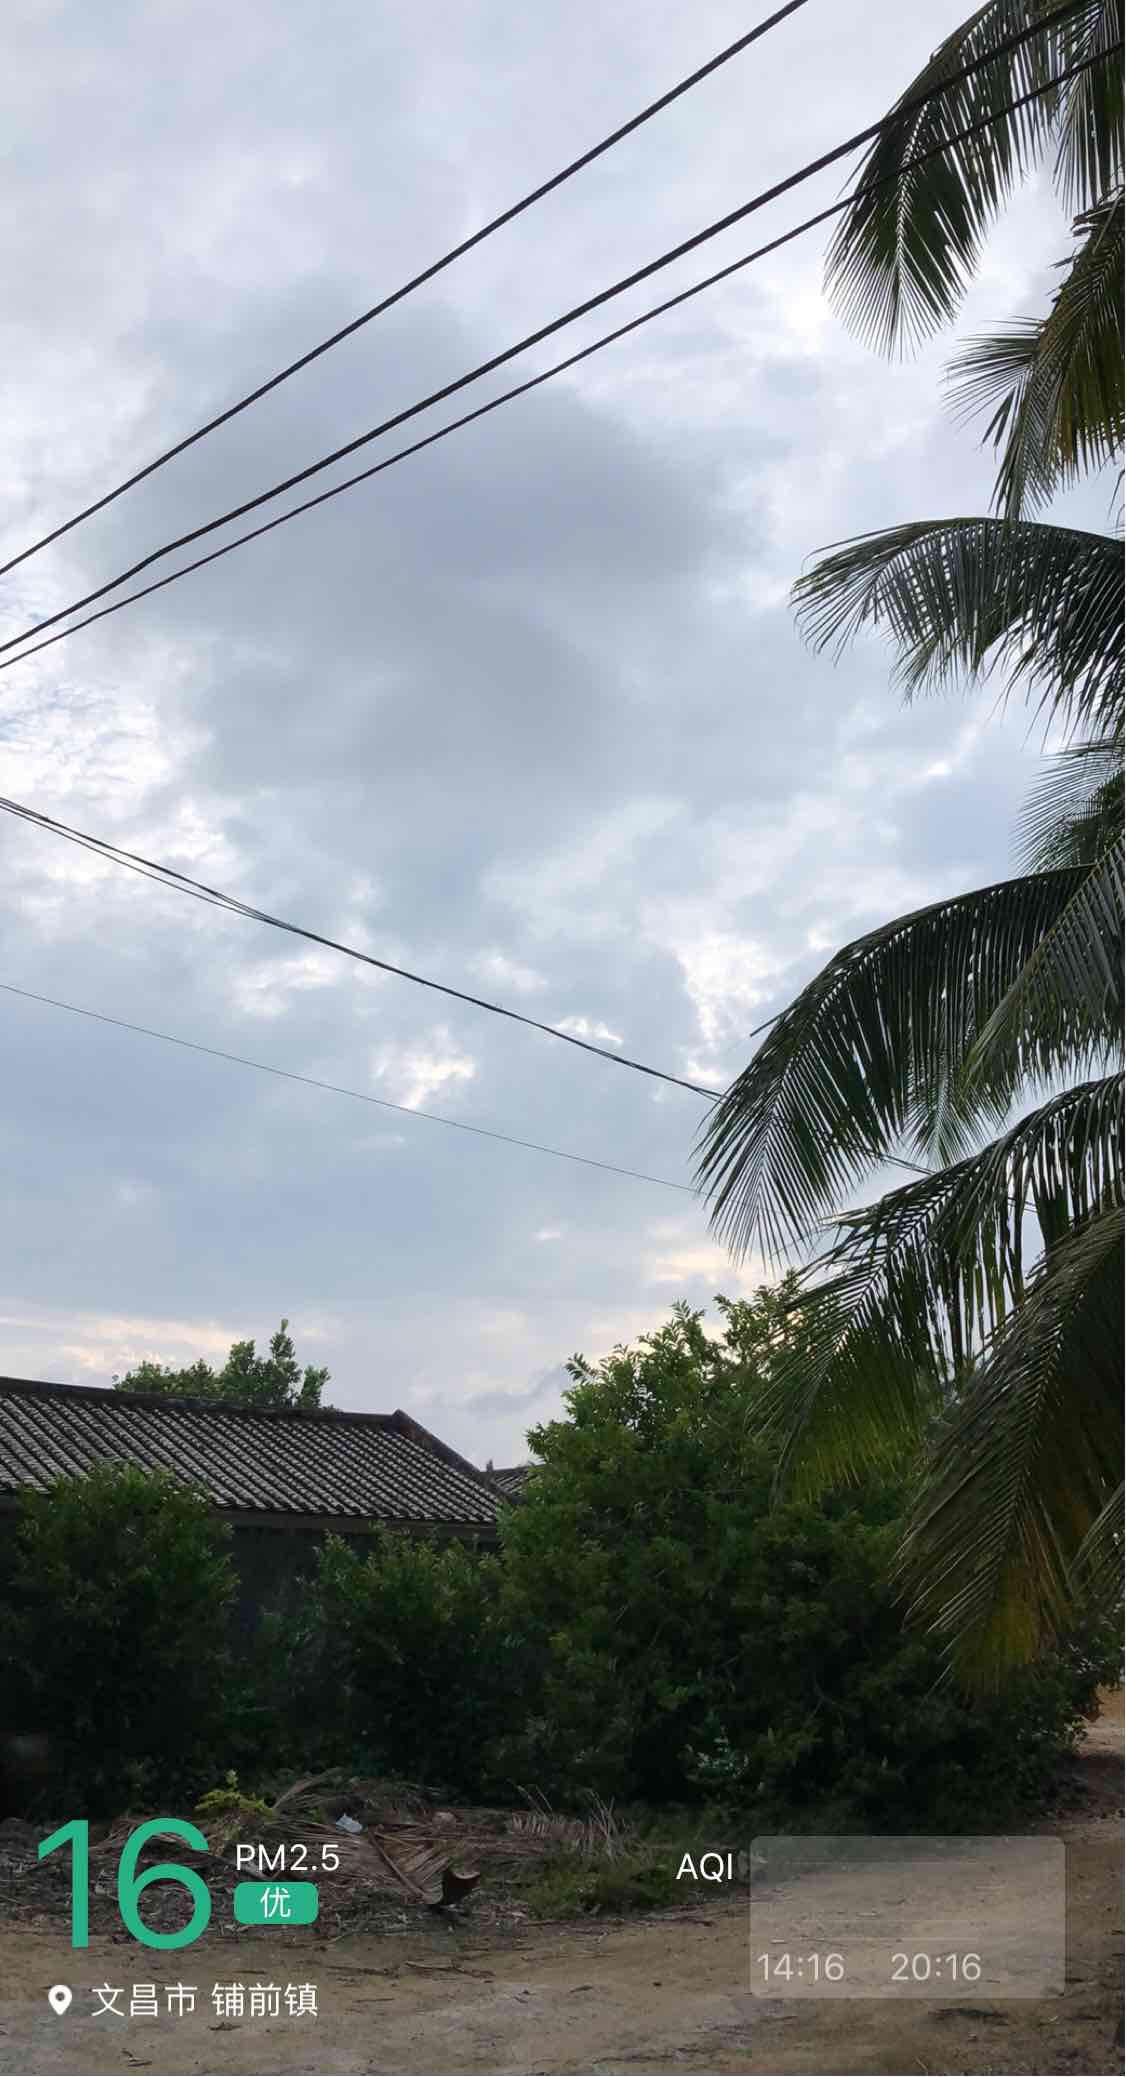 文昌市天气预报